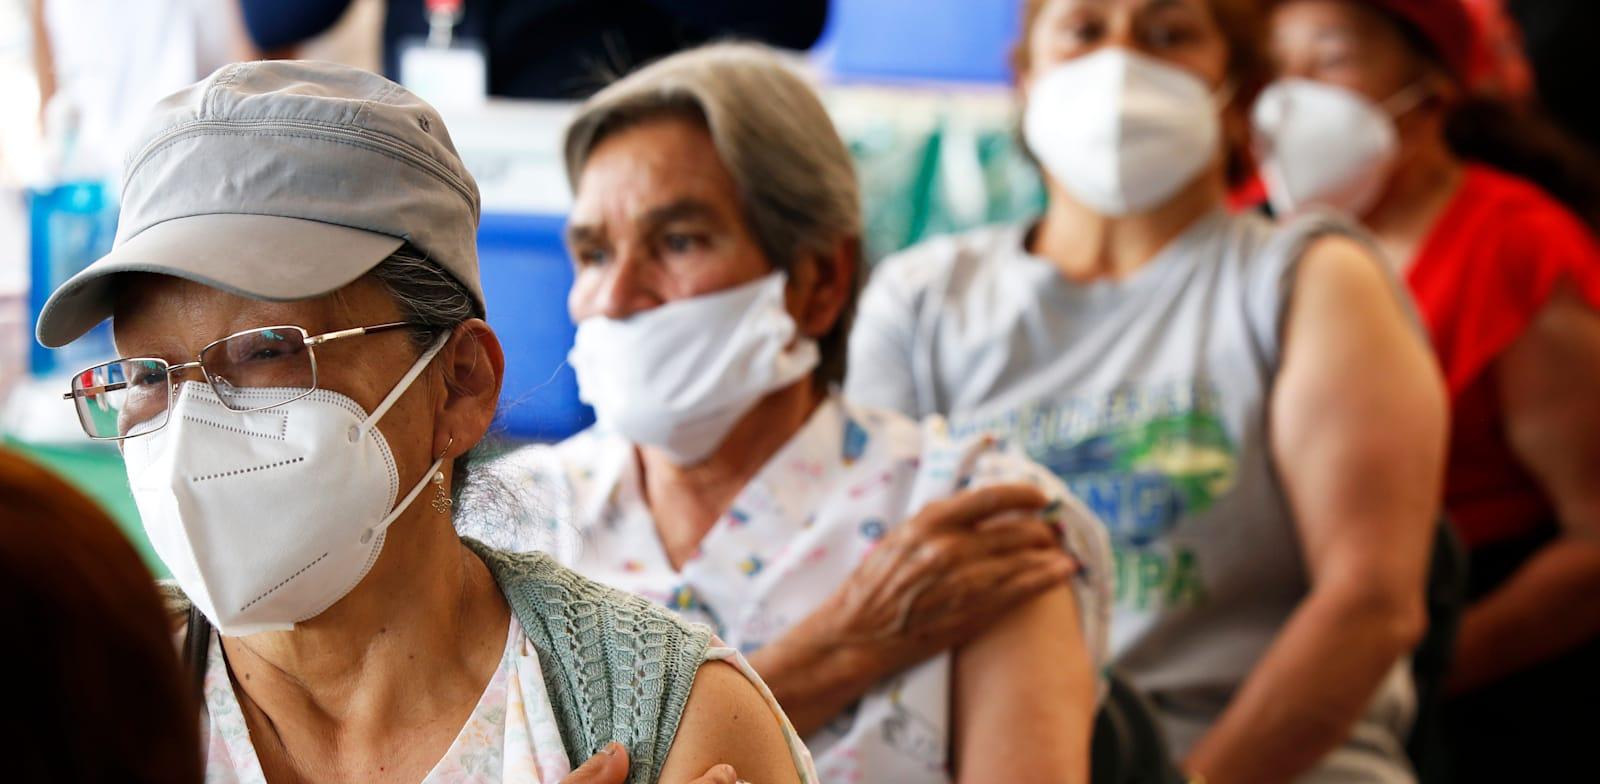 אנשים מעל גיל 60 במקסיקו נמצאים בהשגחה לאחר שקיבלו חיסון לקורונה של אסטרהזנקה / צילום: Associated Press, Marco Ugarte